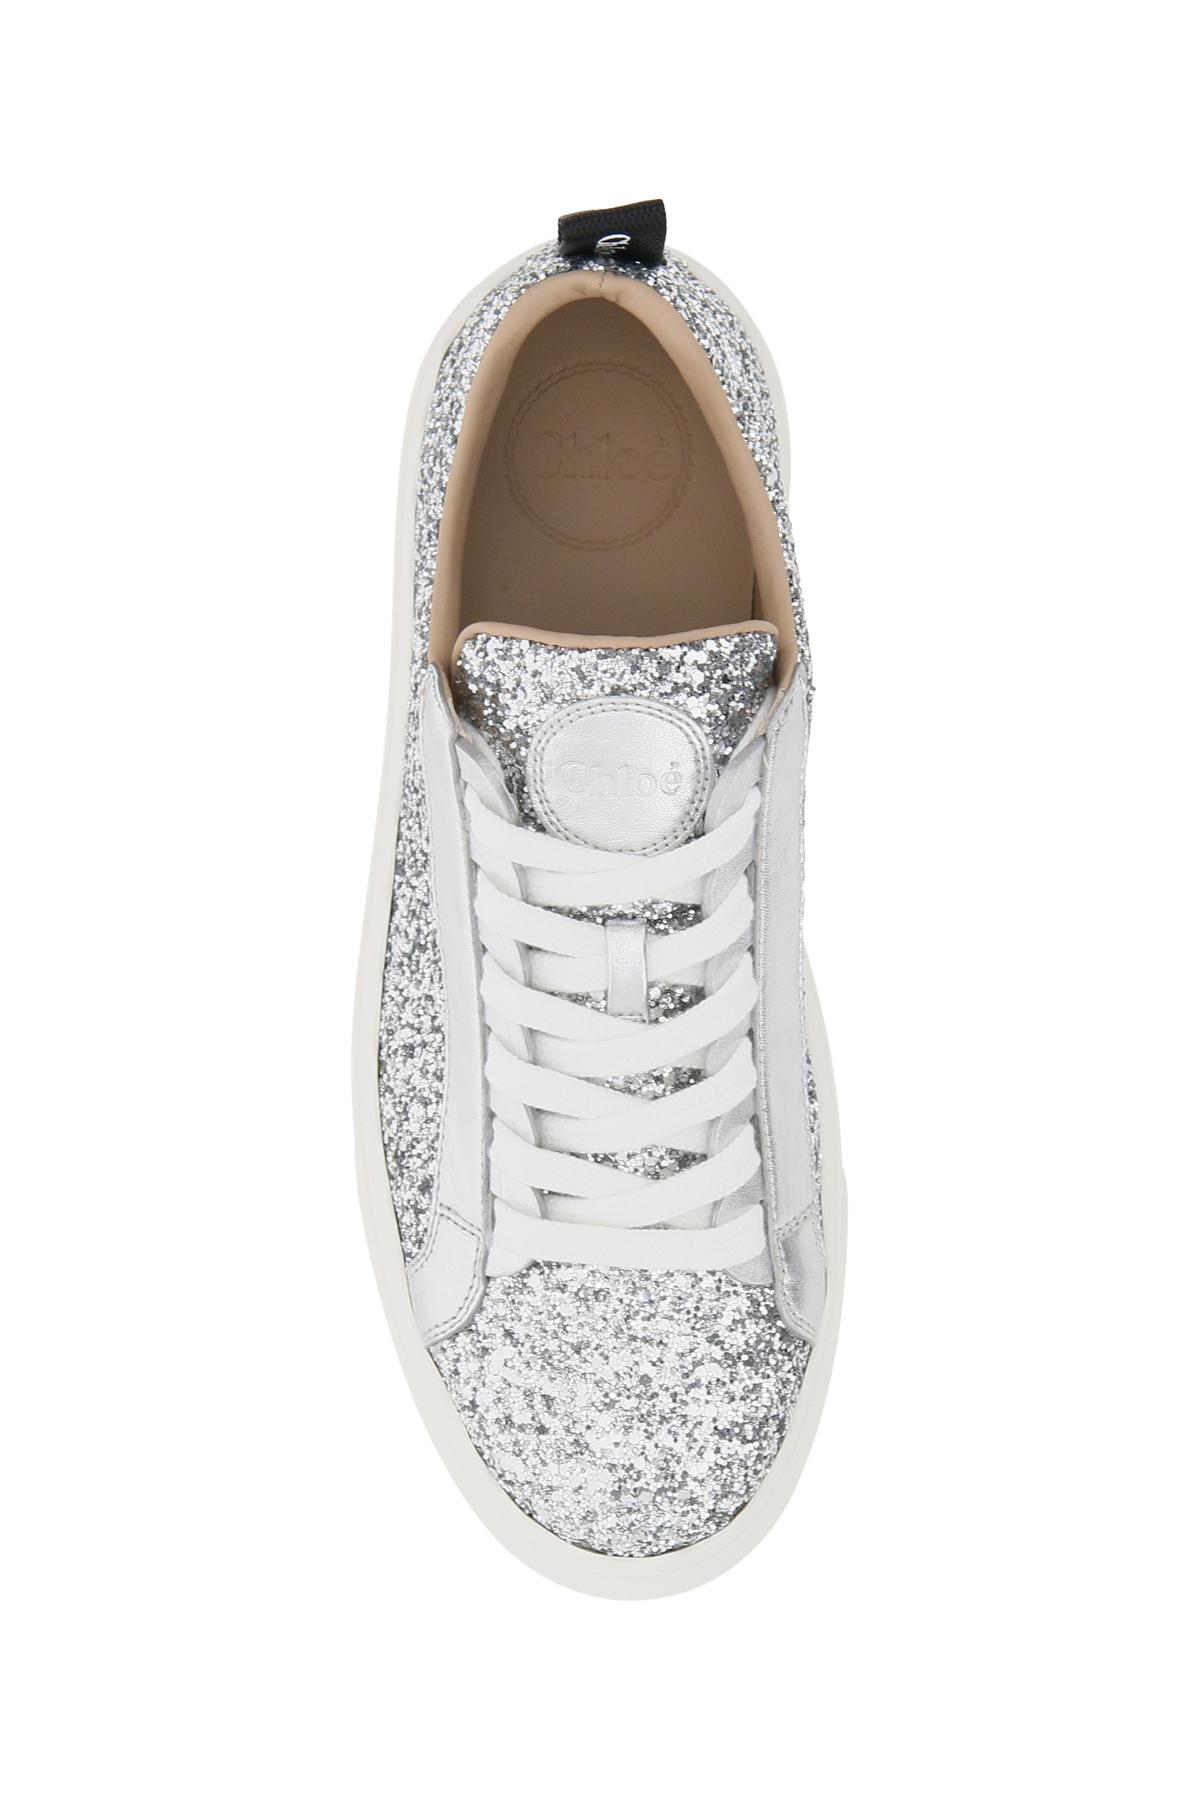 Chloe' sneakers glitter lauren